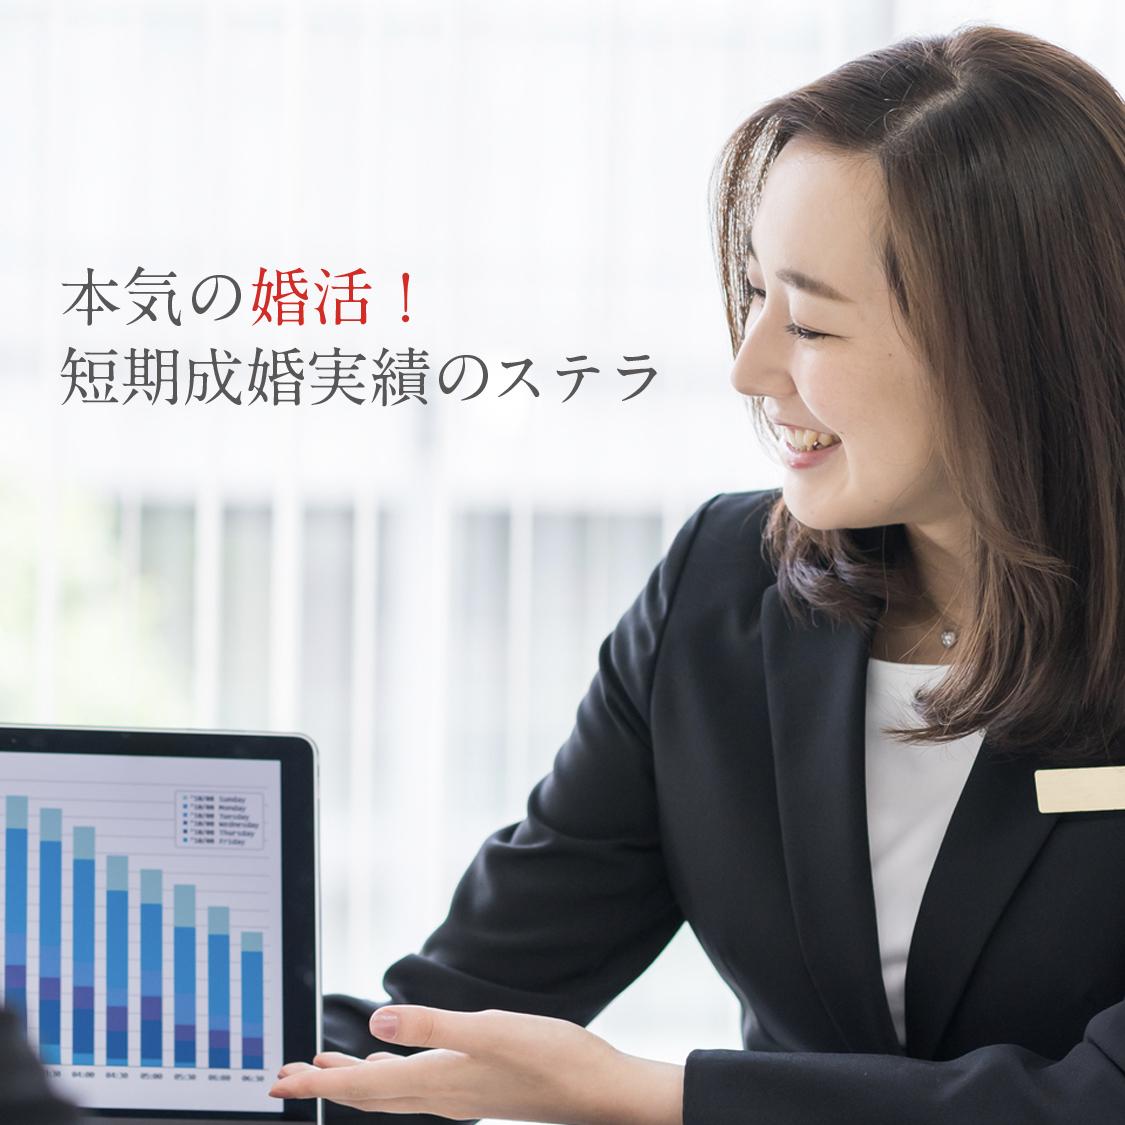 甲府・八王子・つくば・横浜の結婚相談所なら短期成婚実績のステラ